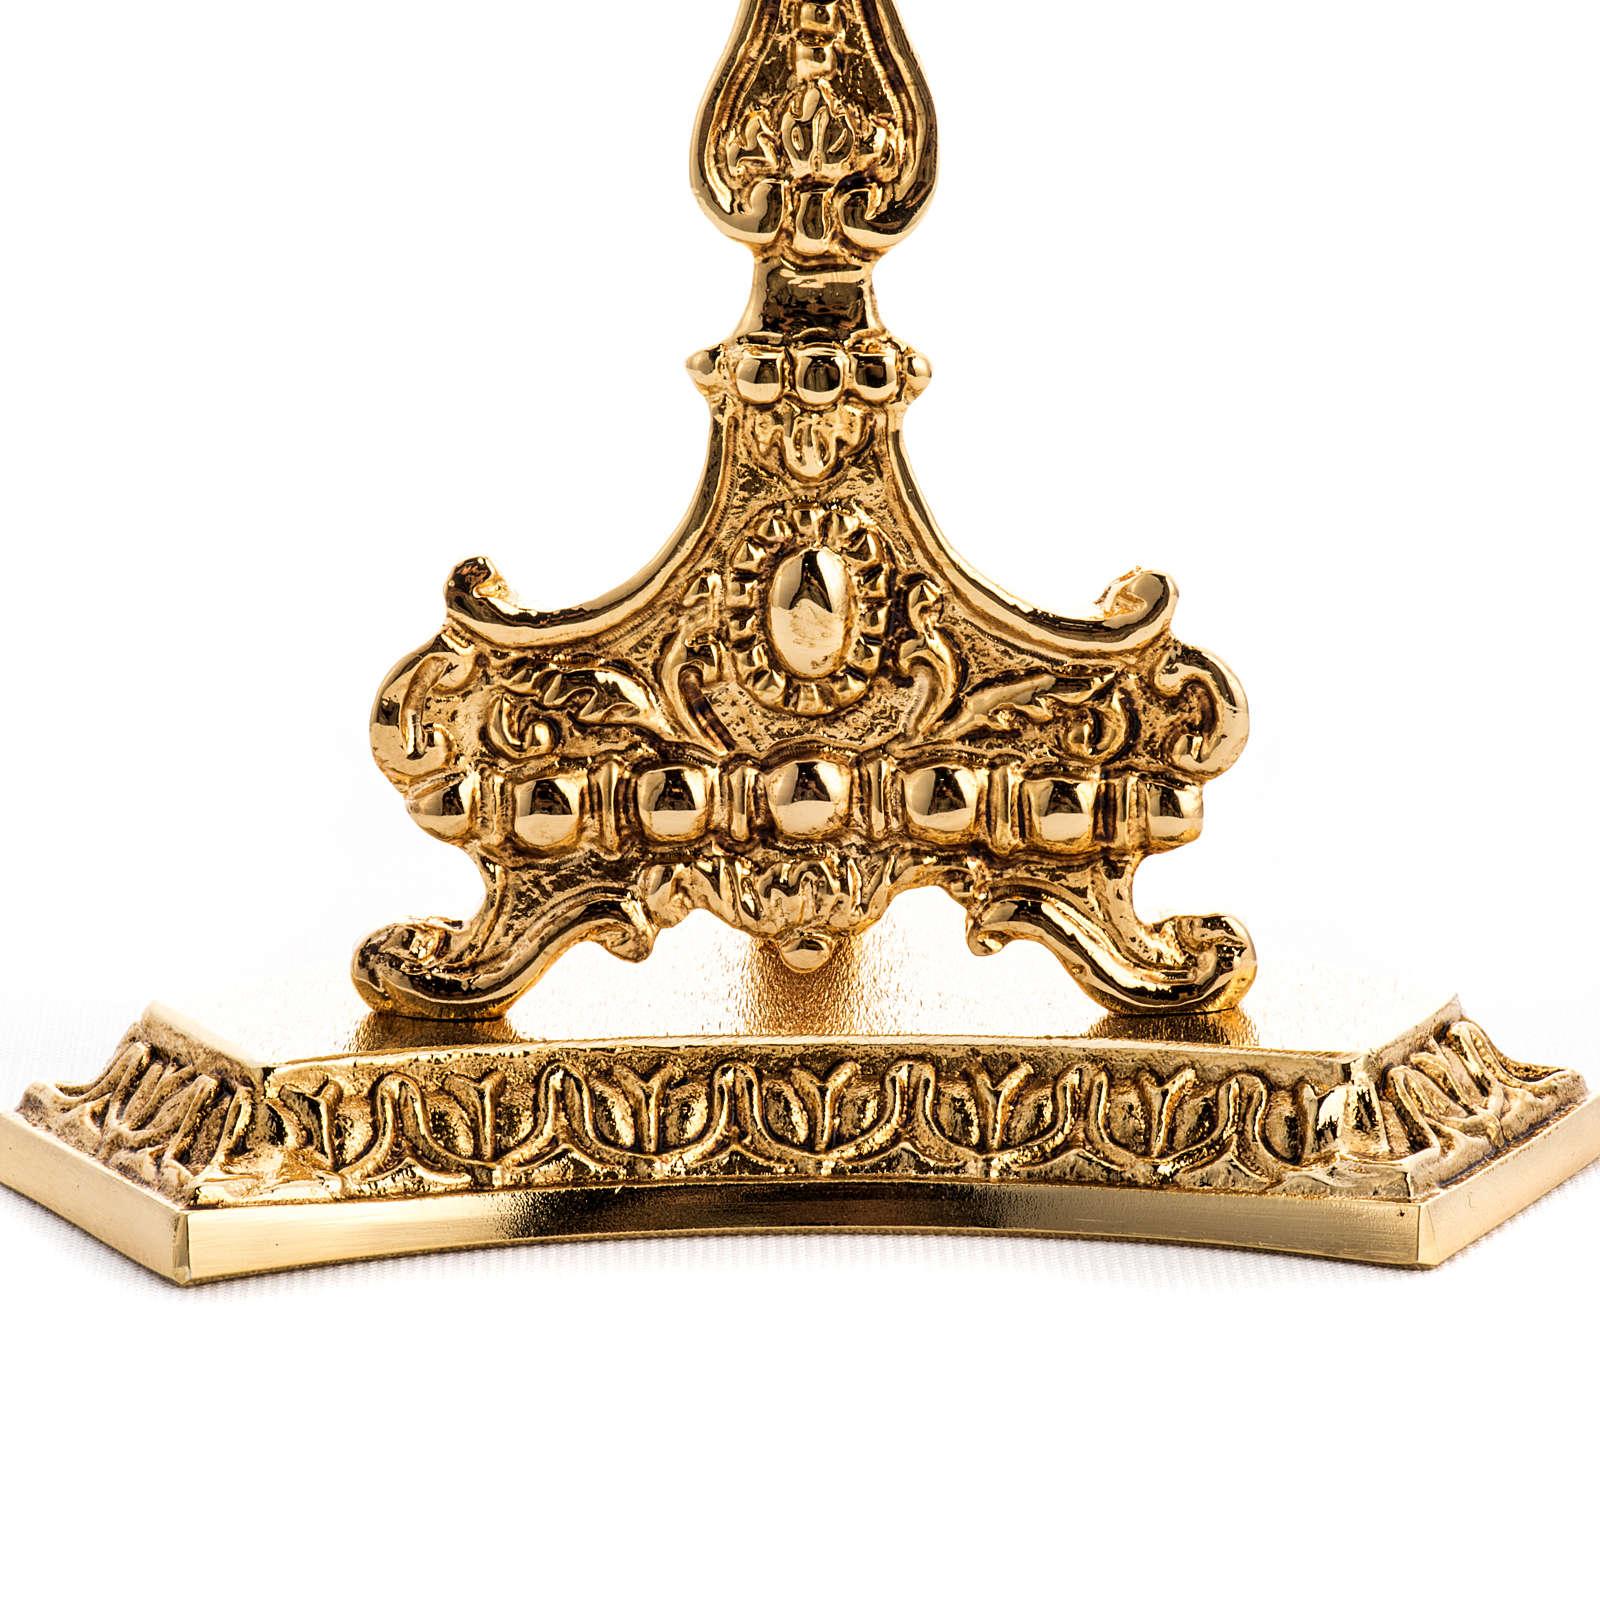 Reliquiario ottone fuso dorato con base 4